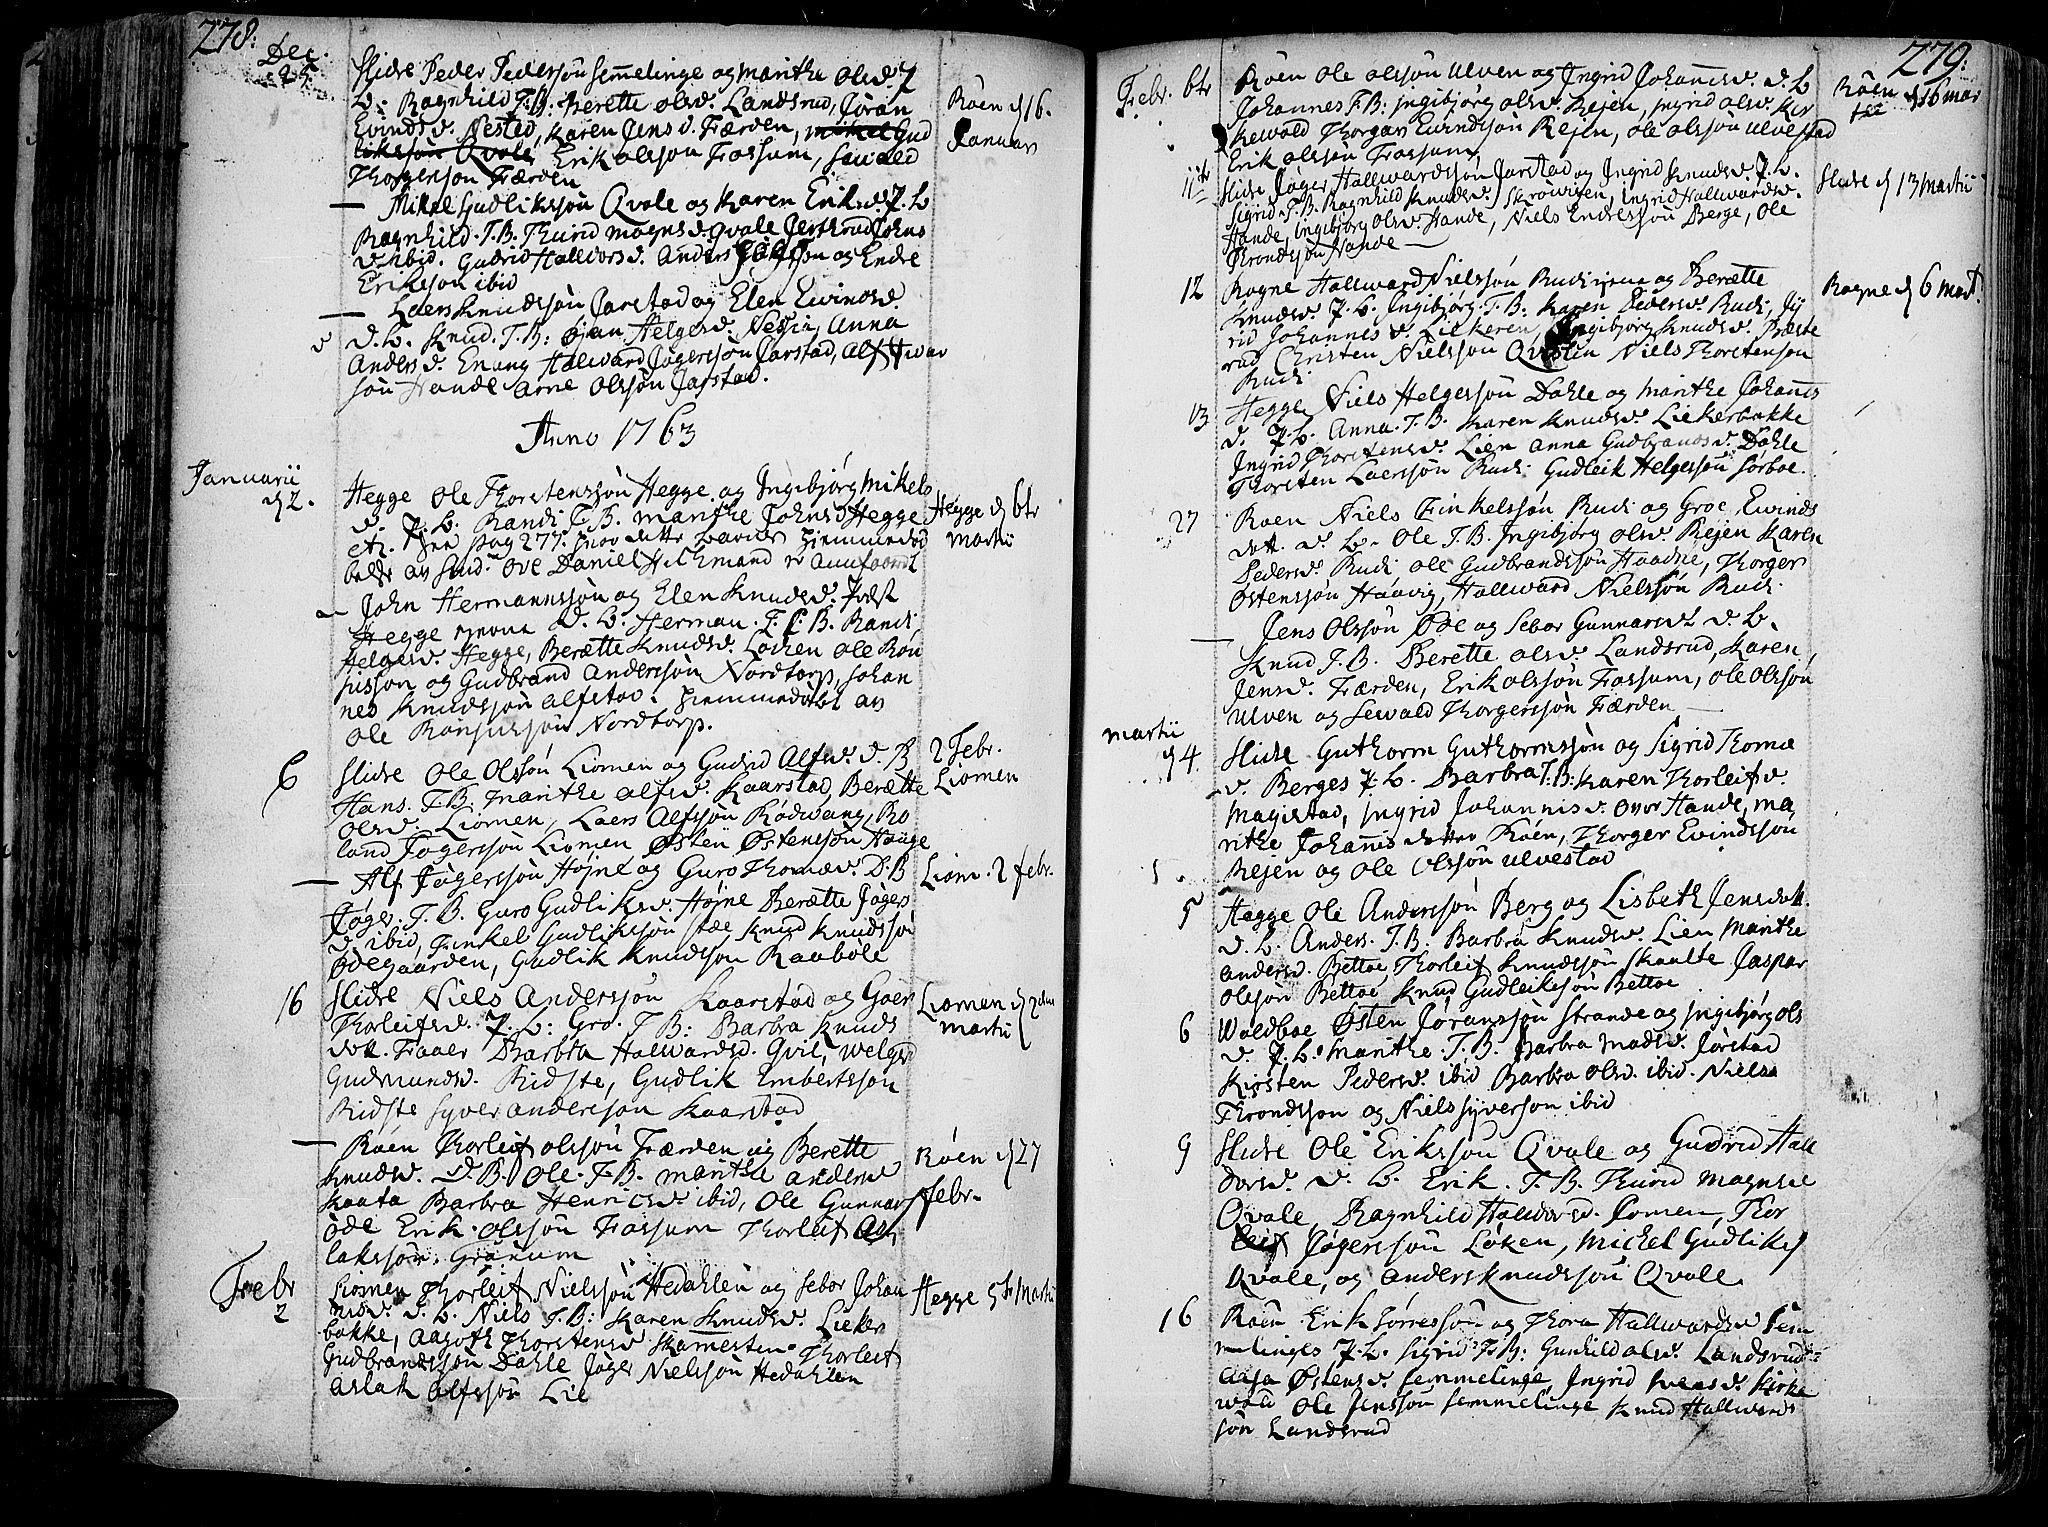 SAH, Slidre prestekontor, Ministerialbok nr. 1, 1724-1814, s. 278-279